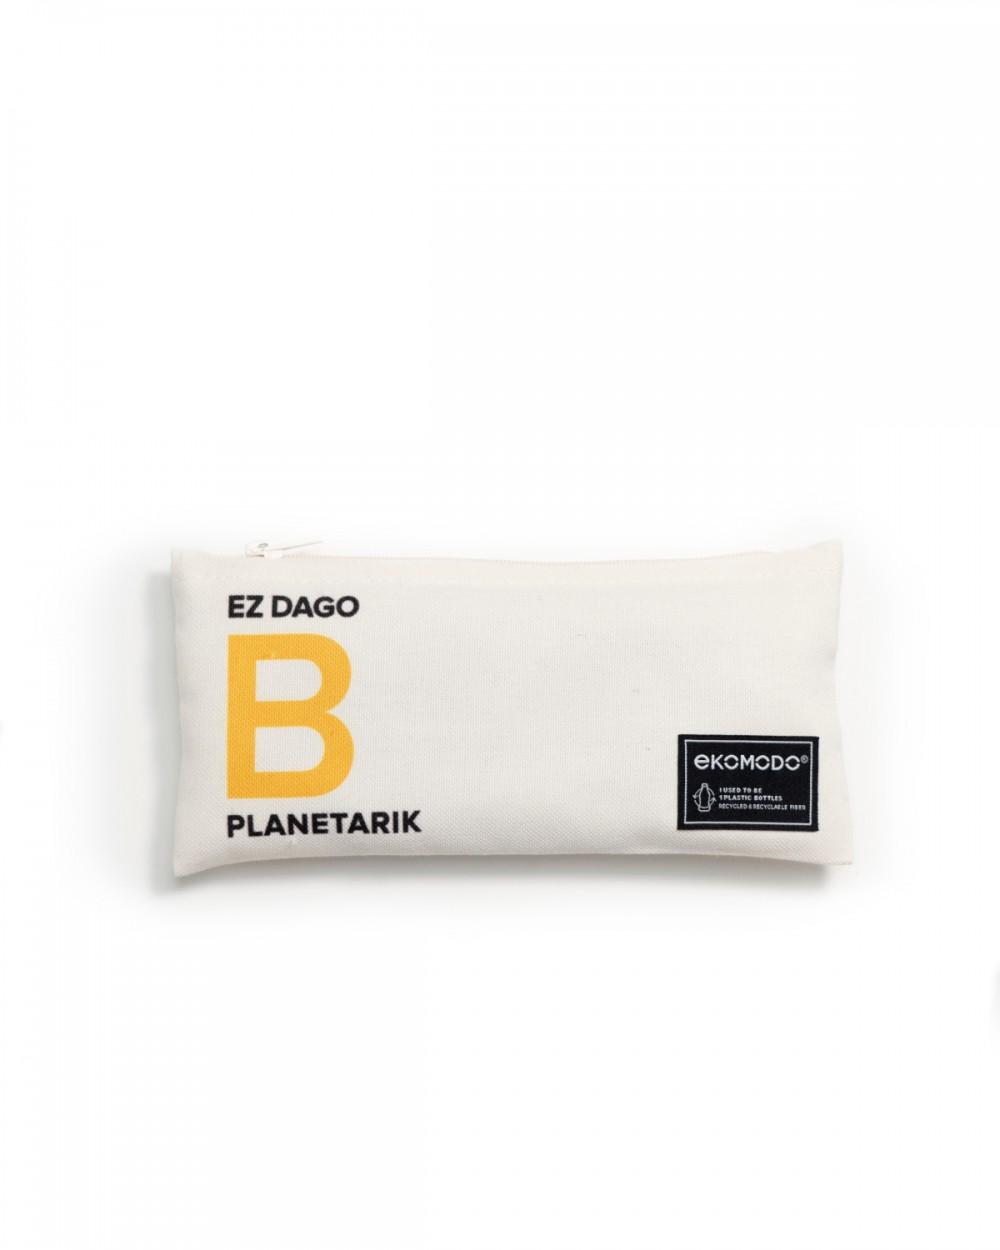 Margo EZDAGO - Ekomodo